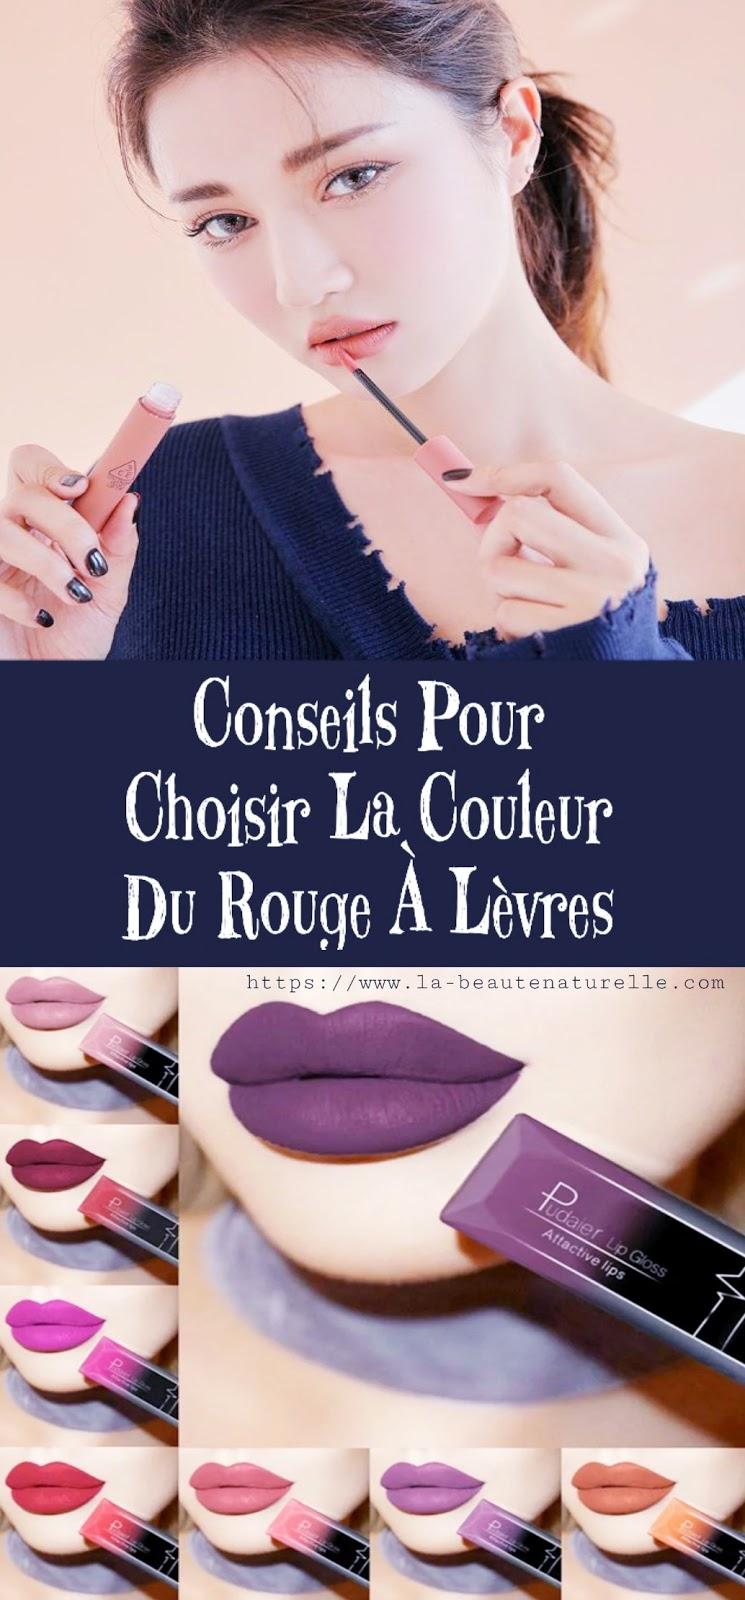 Conseils Pour Choisir La Couleur Du Rouge À Lèvres